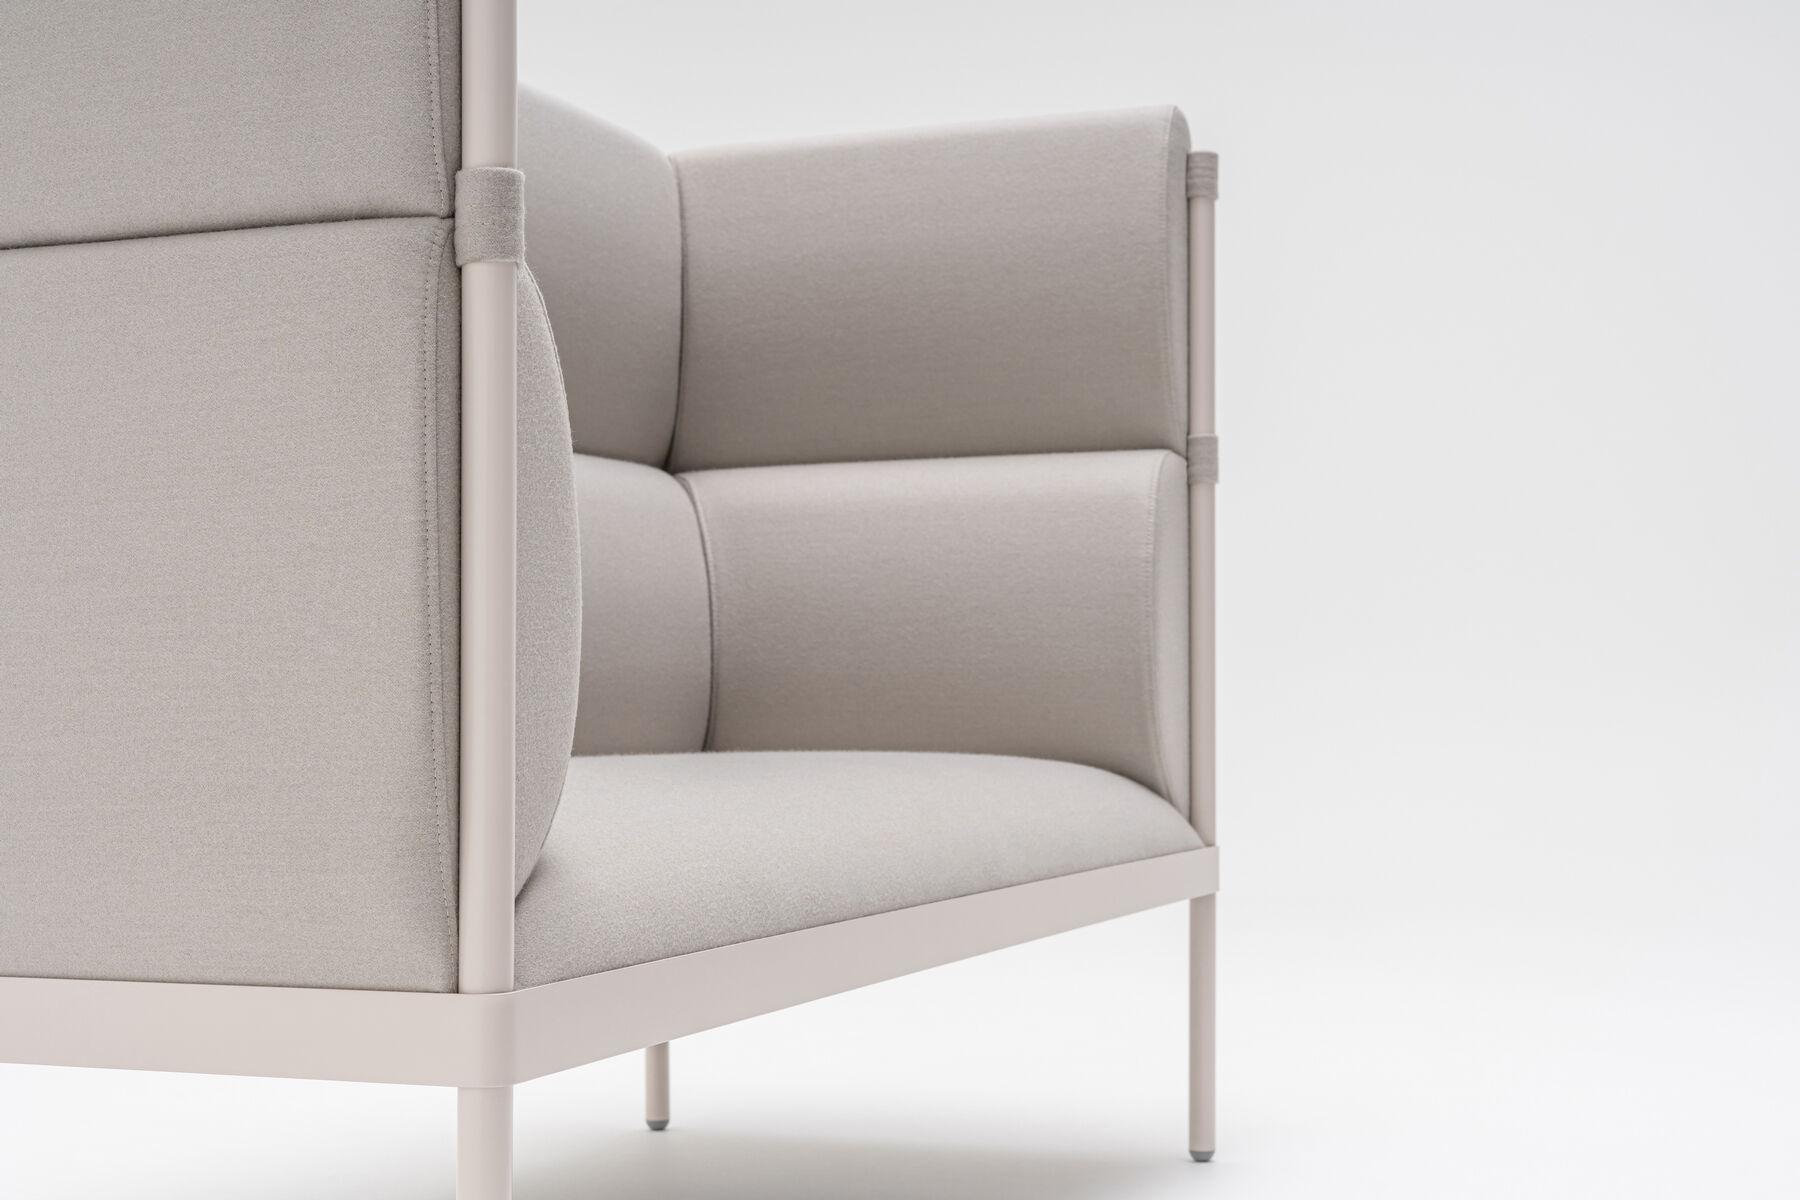 Stilt sofa with high back